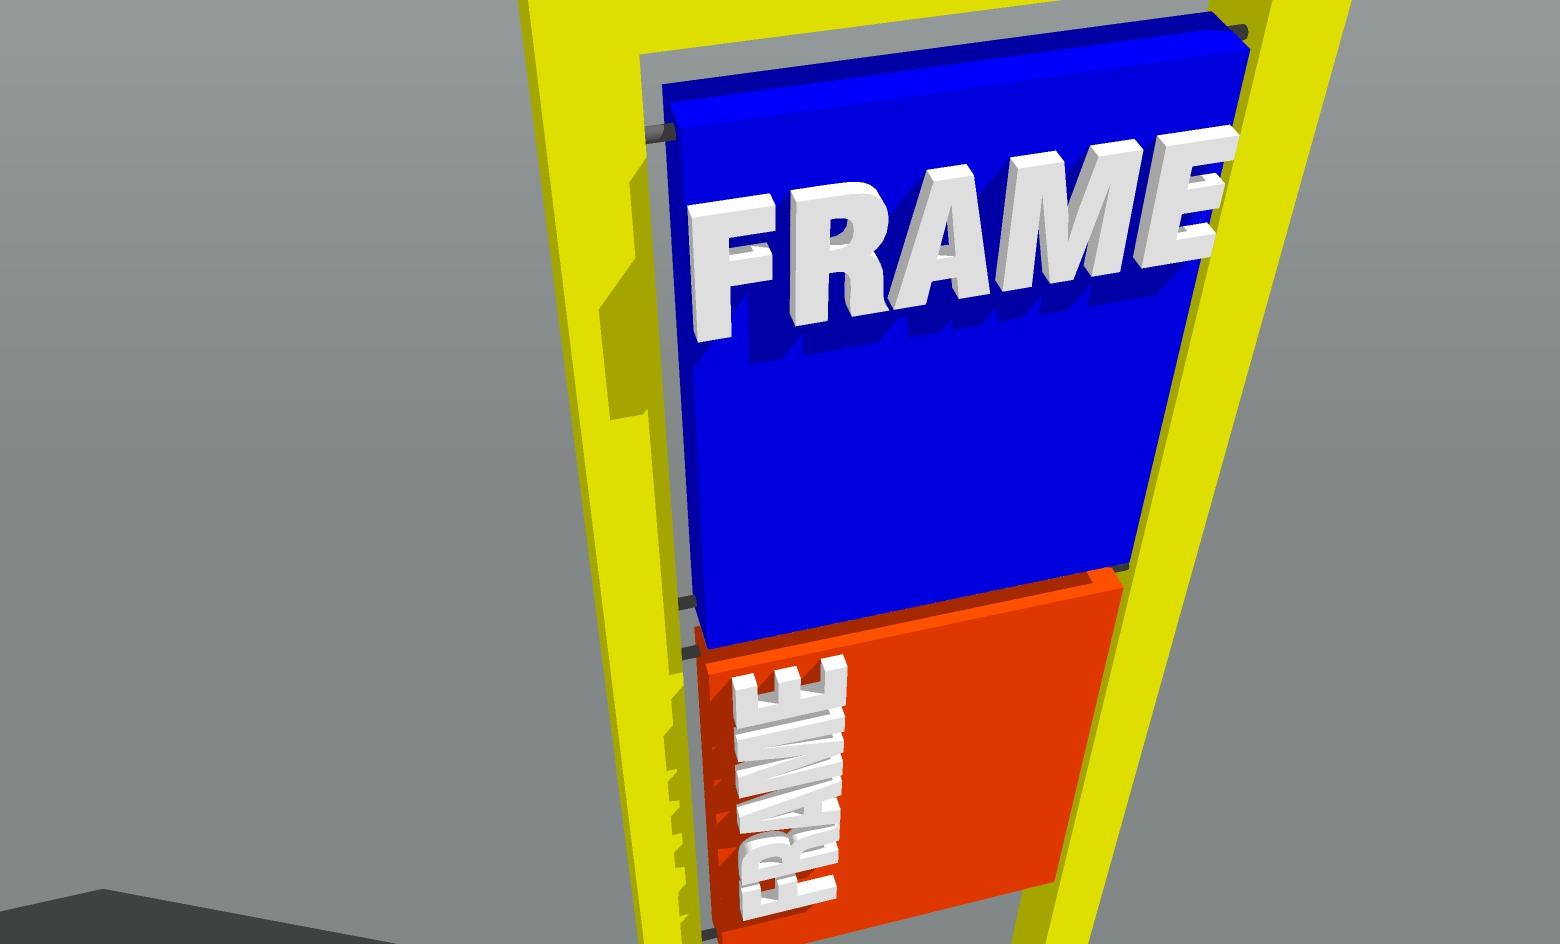 frame totem design